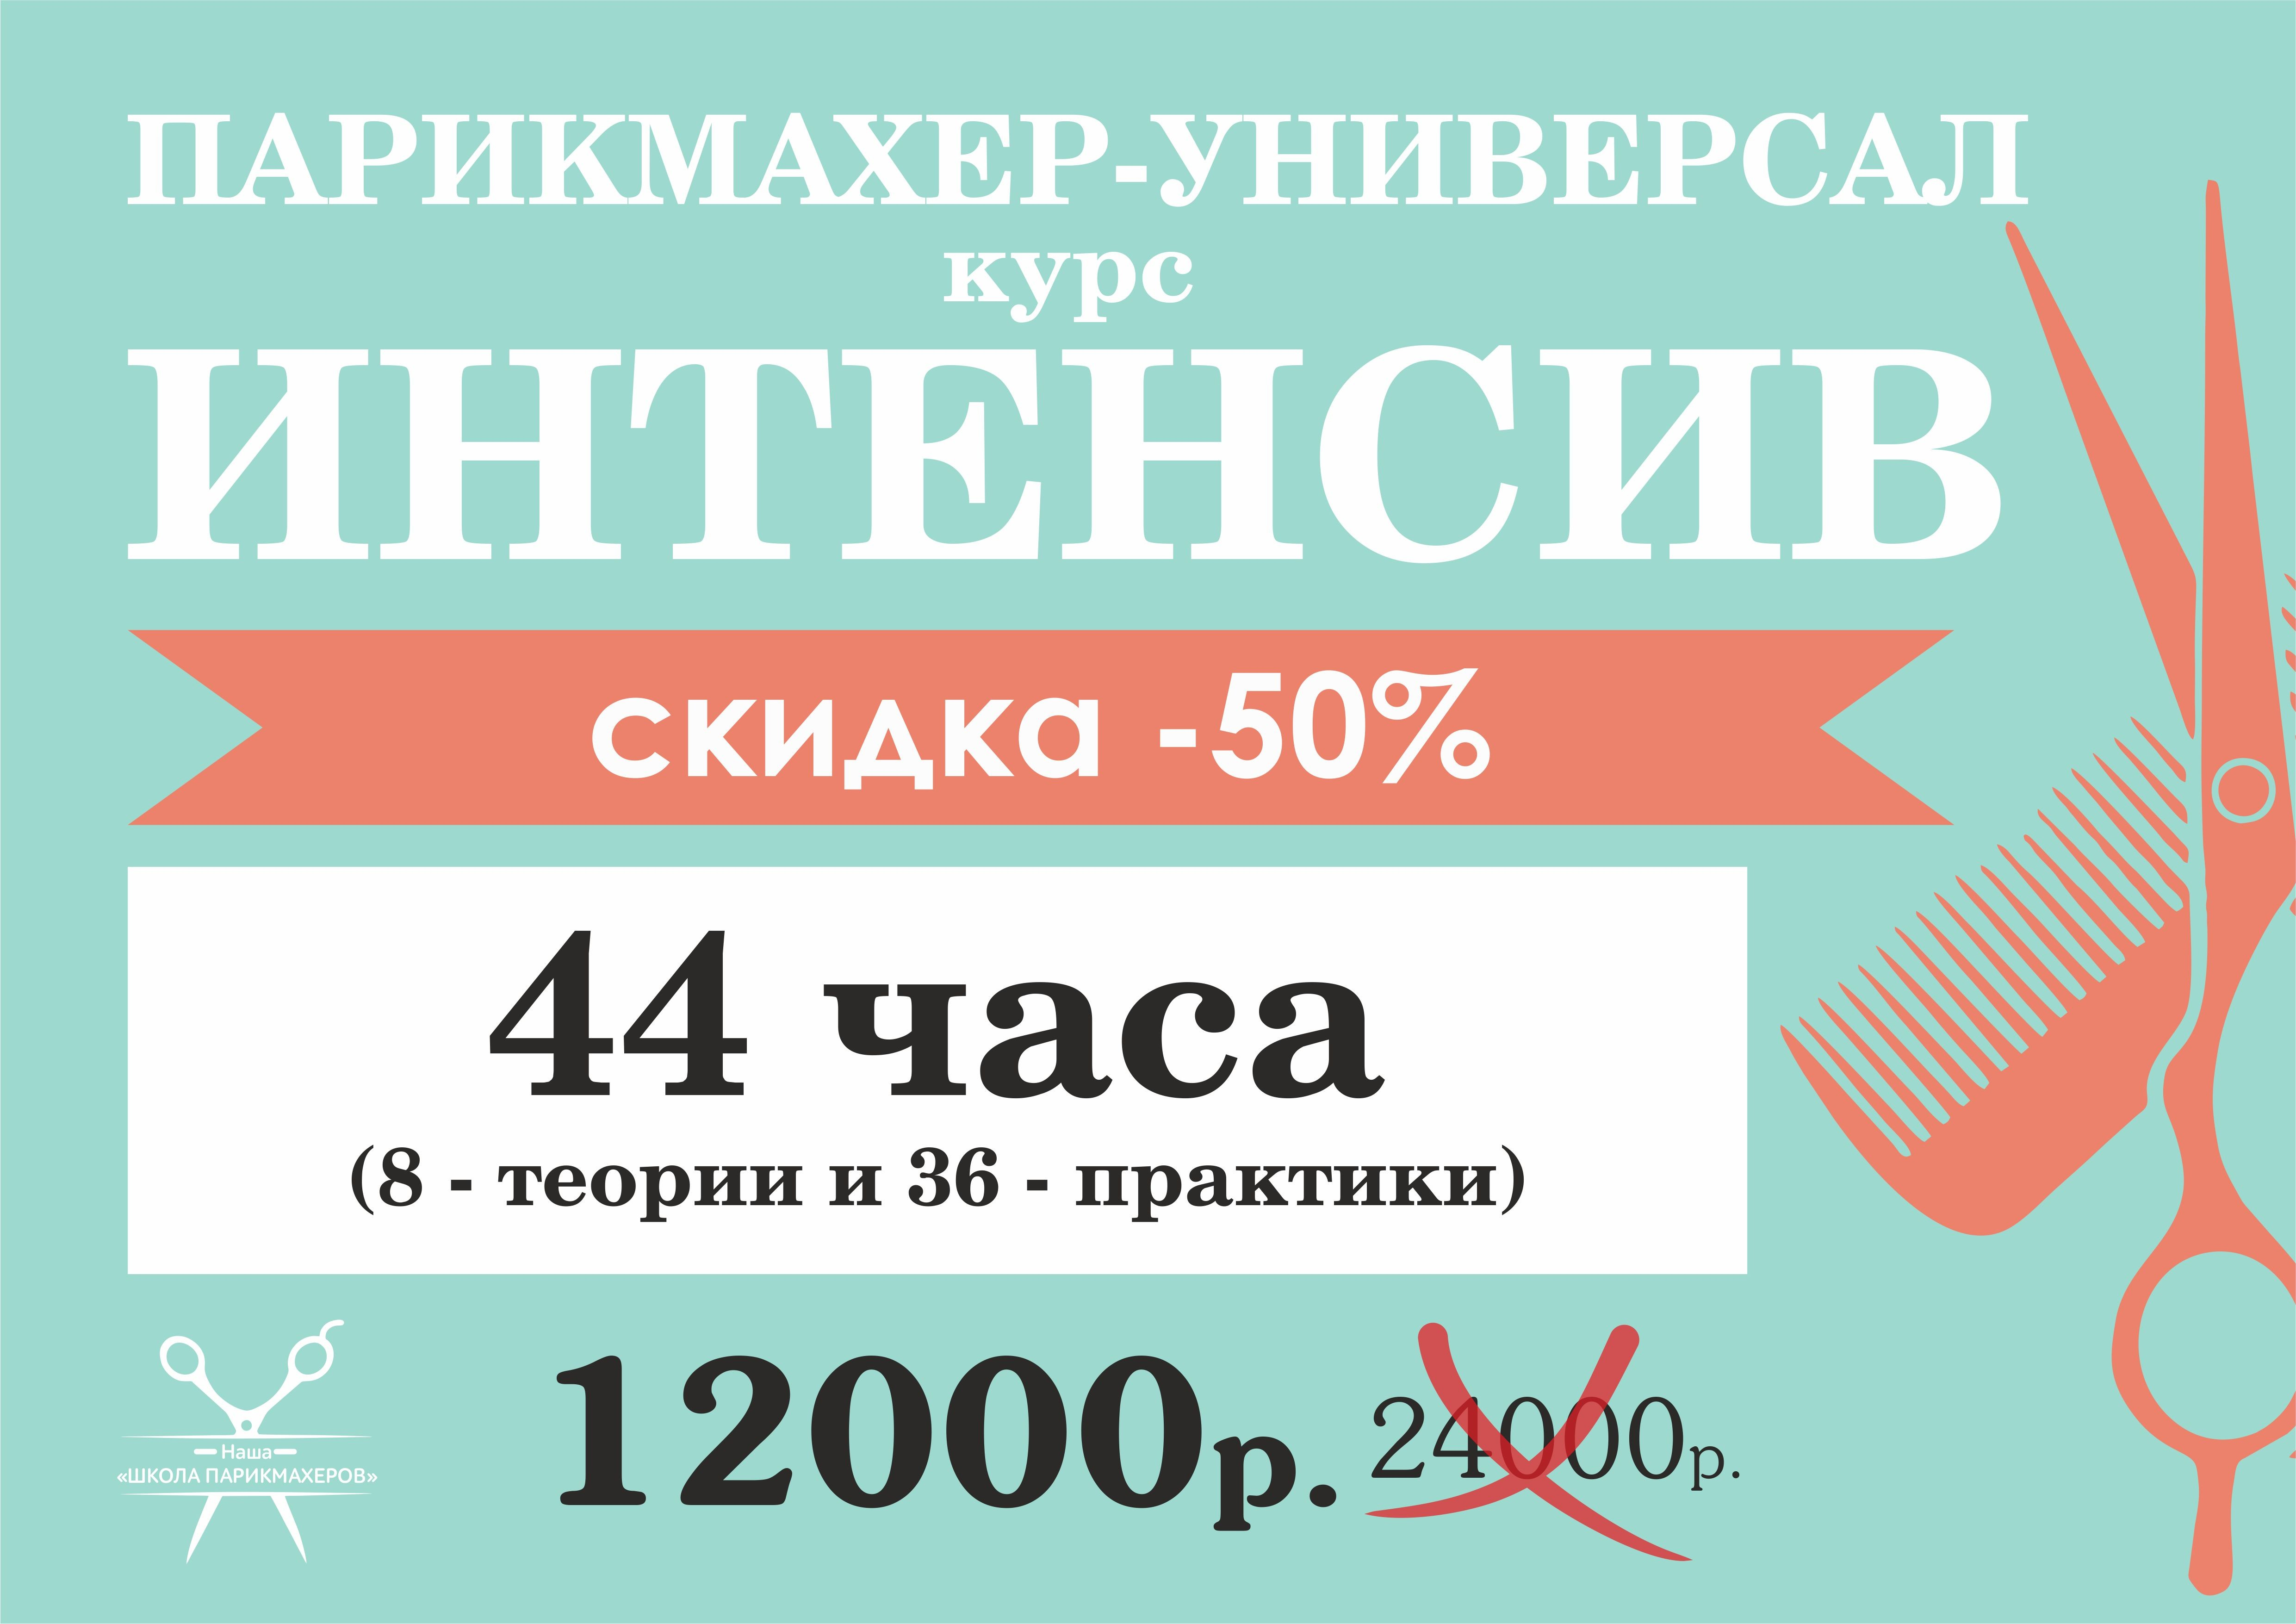 Акция курс «Парикмахер–универсал ИНТЕНСИВ» всего 12000